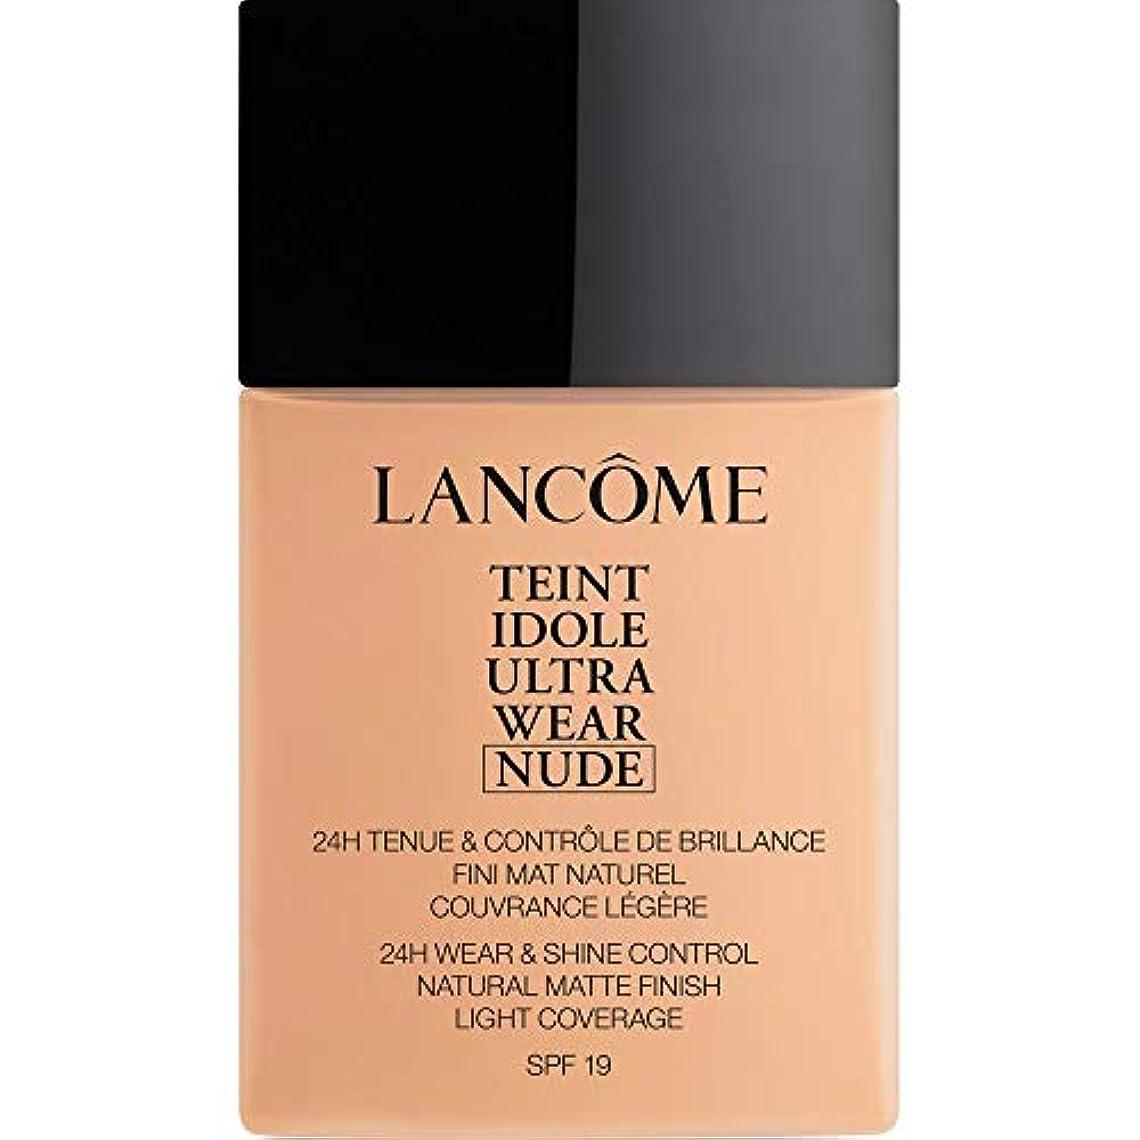 コンサルタント狭い維持する[Lanc?me ] ランコムTeintのIdole超摩耗ヌード財団Spf19の40ミリリットル023 - ベージュオロール - Lancome Teint Idole Ultra Wear Nude Foundation...